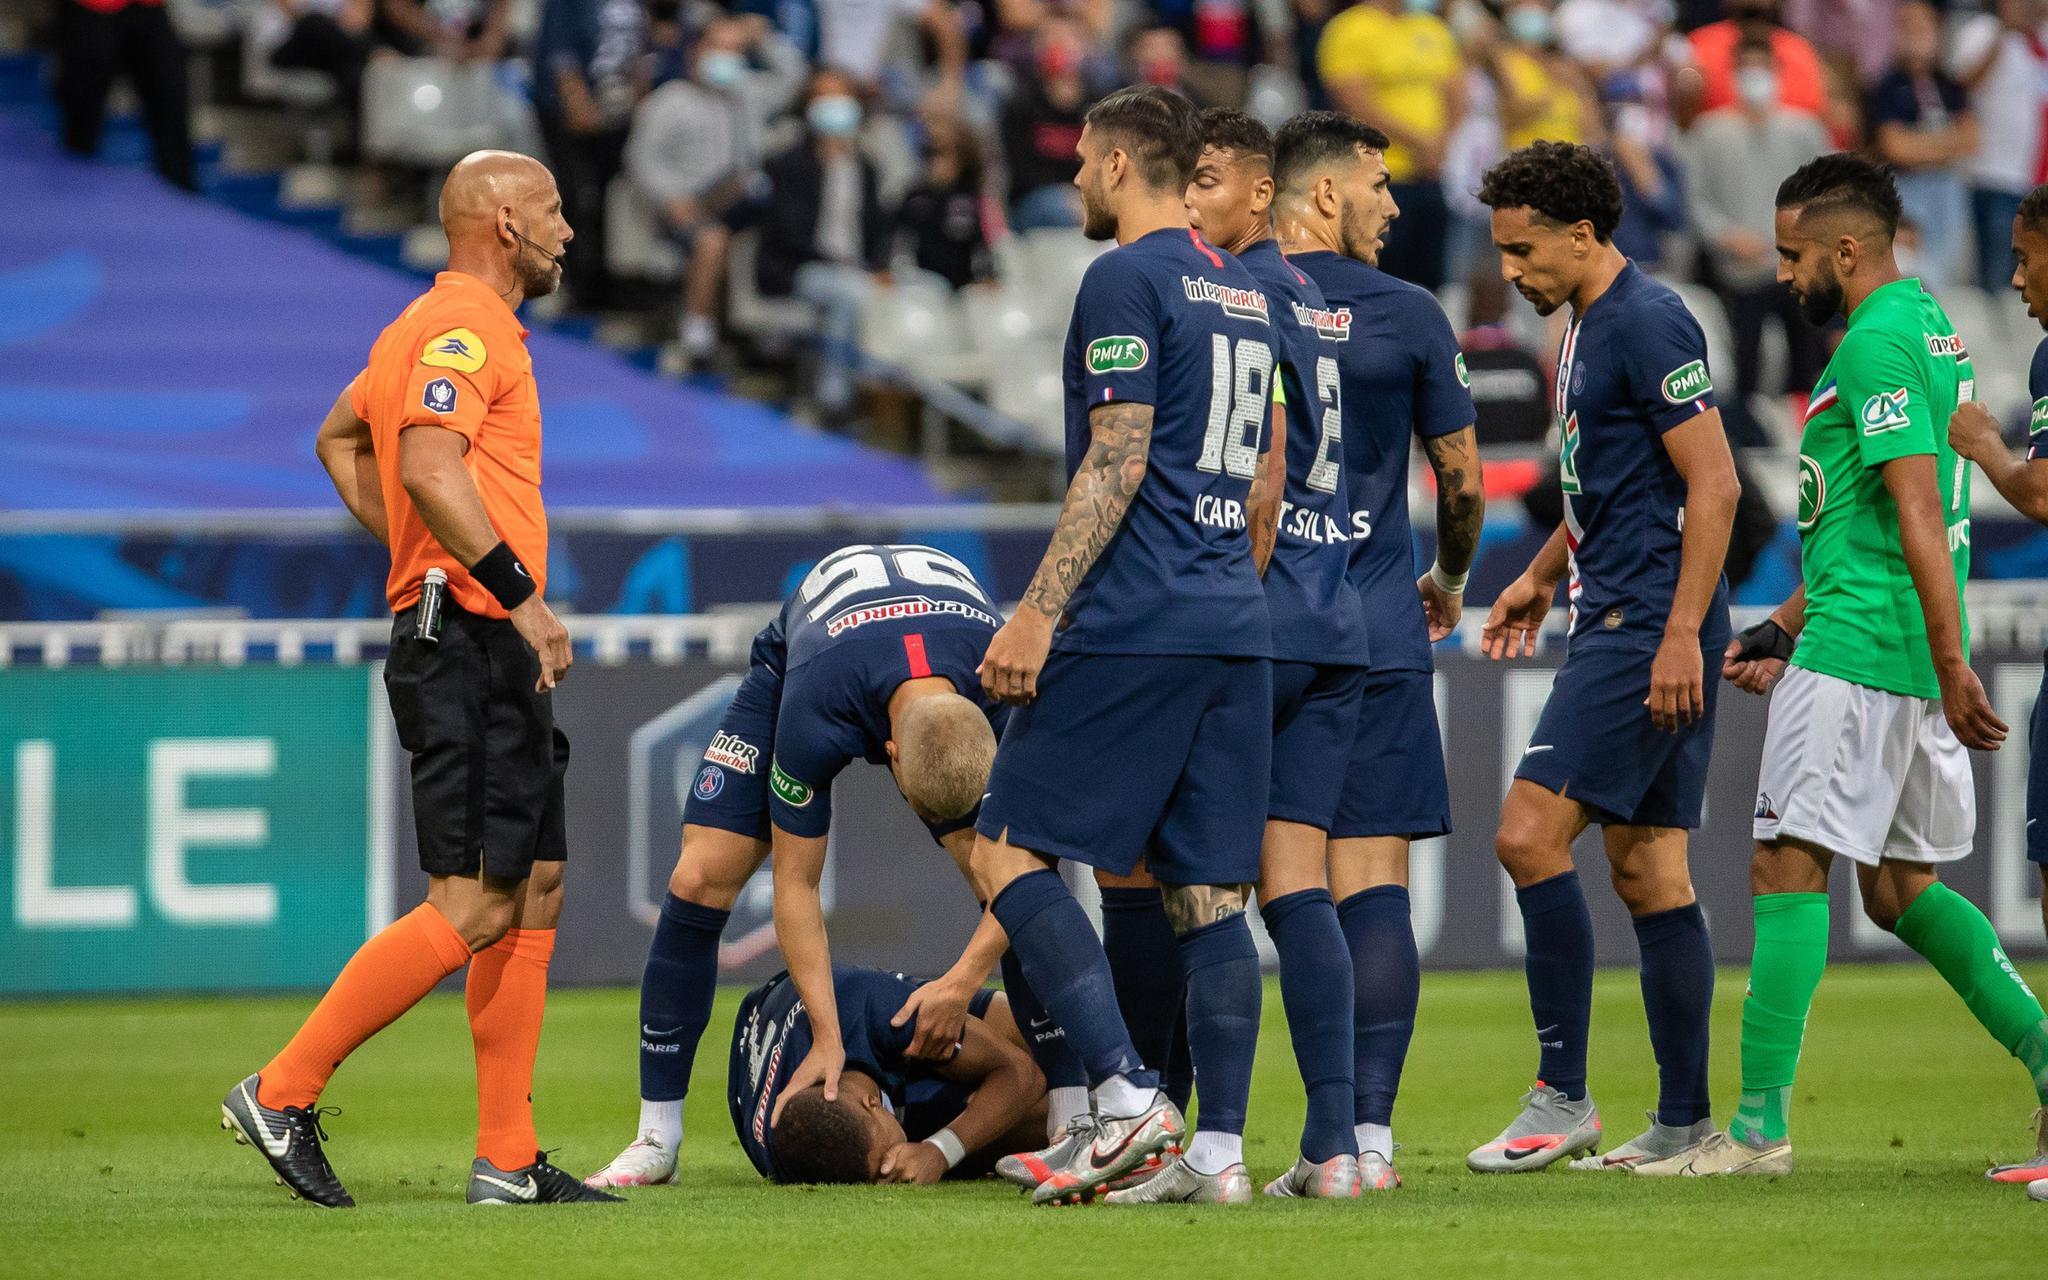 大巴黎法国杯夺冠,姆巴佩遭暴力放铲伤退图片